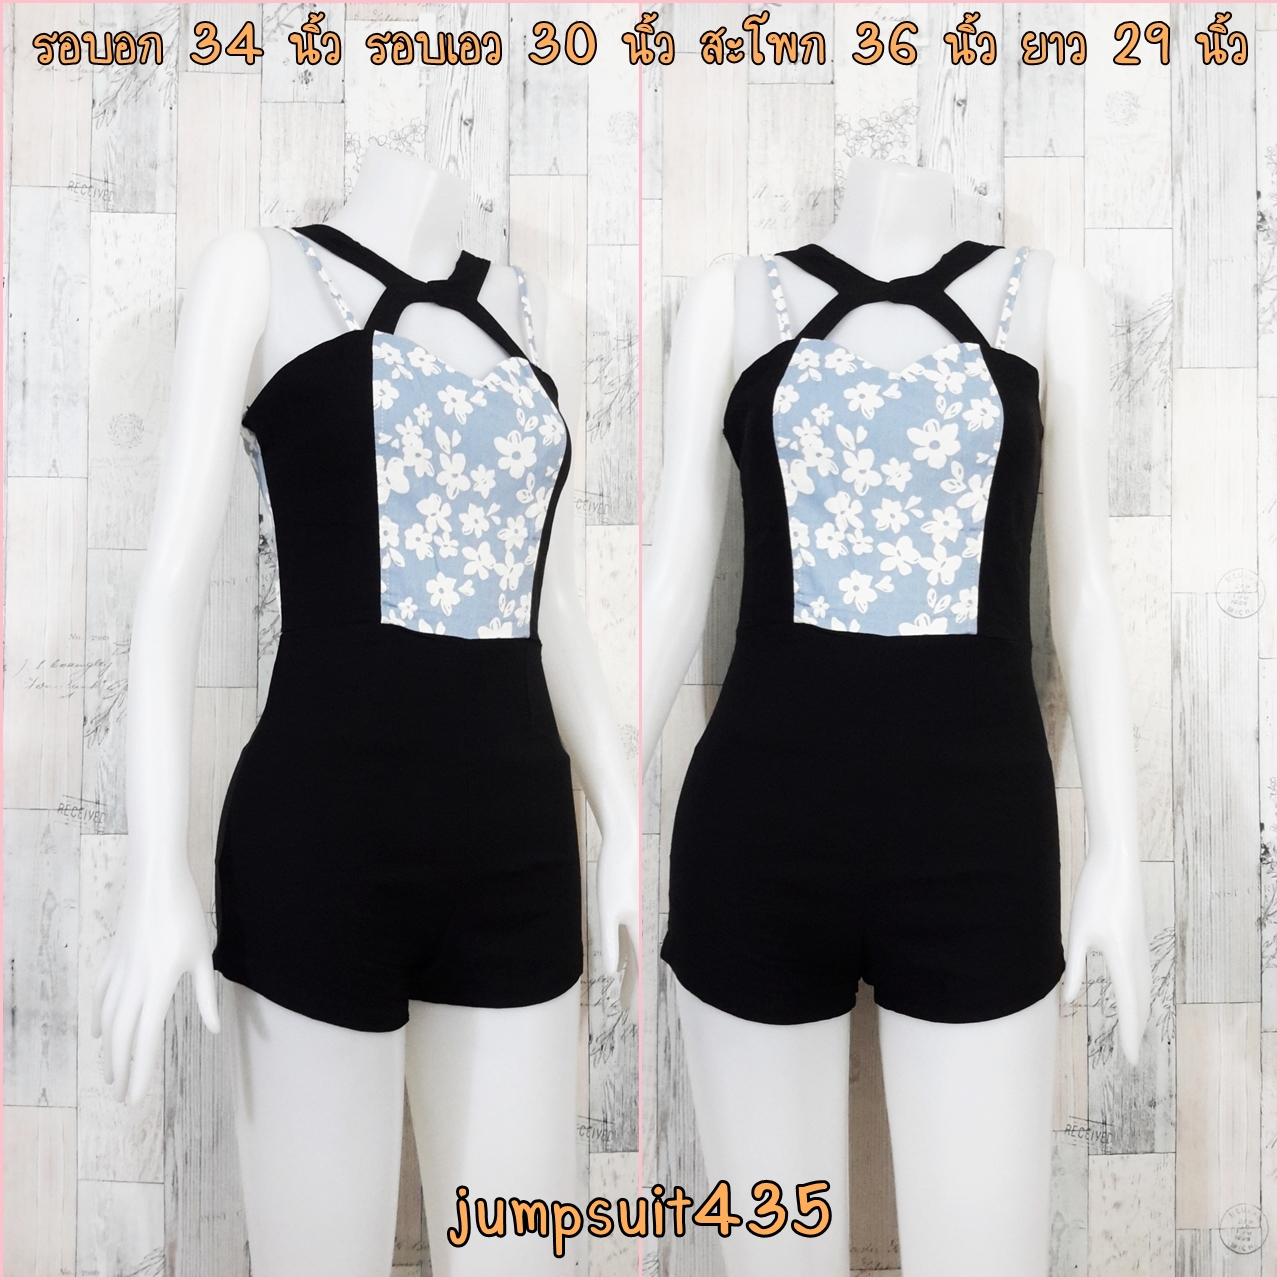 jumpsuit435 จัมพ์สูทขาสั้นผ้าสกินนี่ ซิปหลัง อกลายดอกไม้สีขาวฟ้ายีนส์ ตัดต่อกางเกงดำ